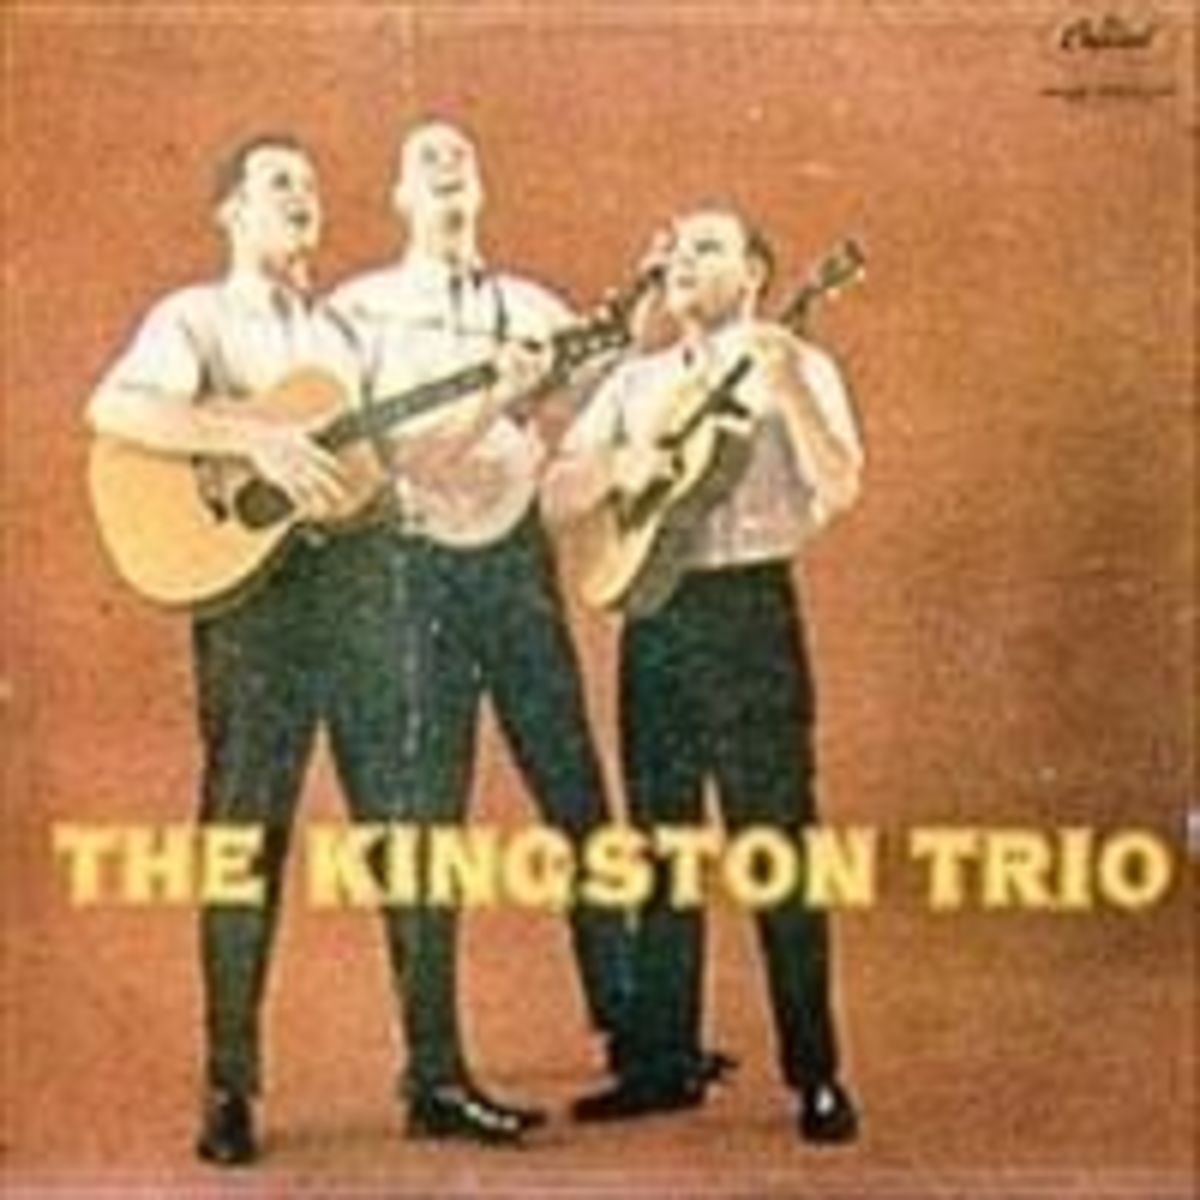 The Kingston Trio's first album